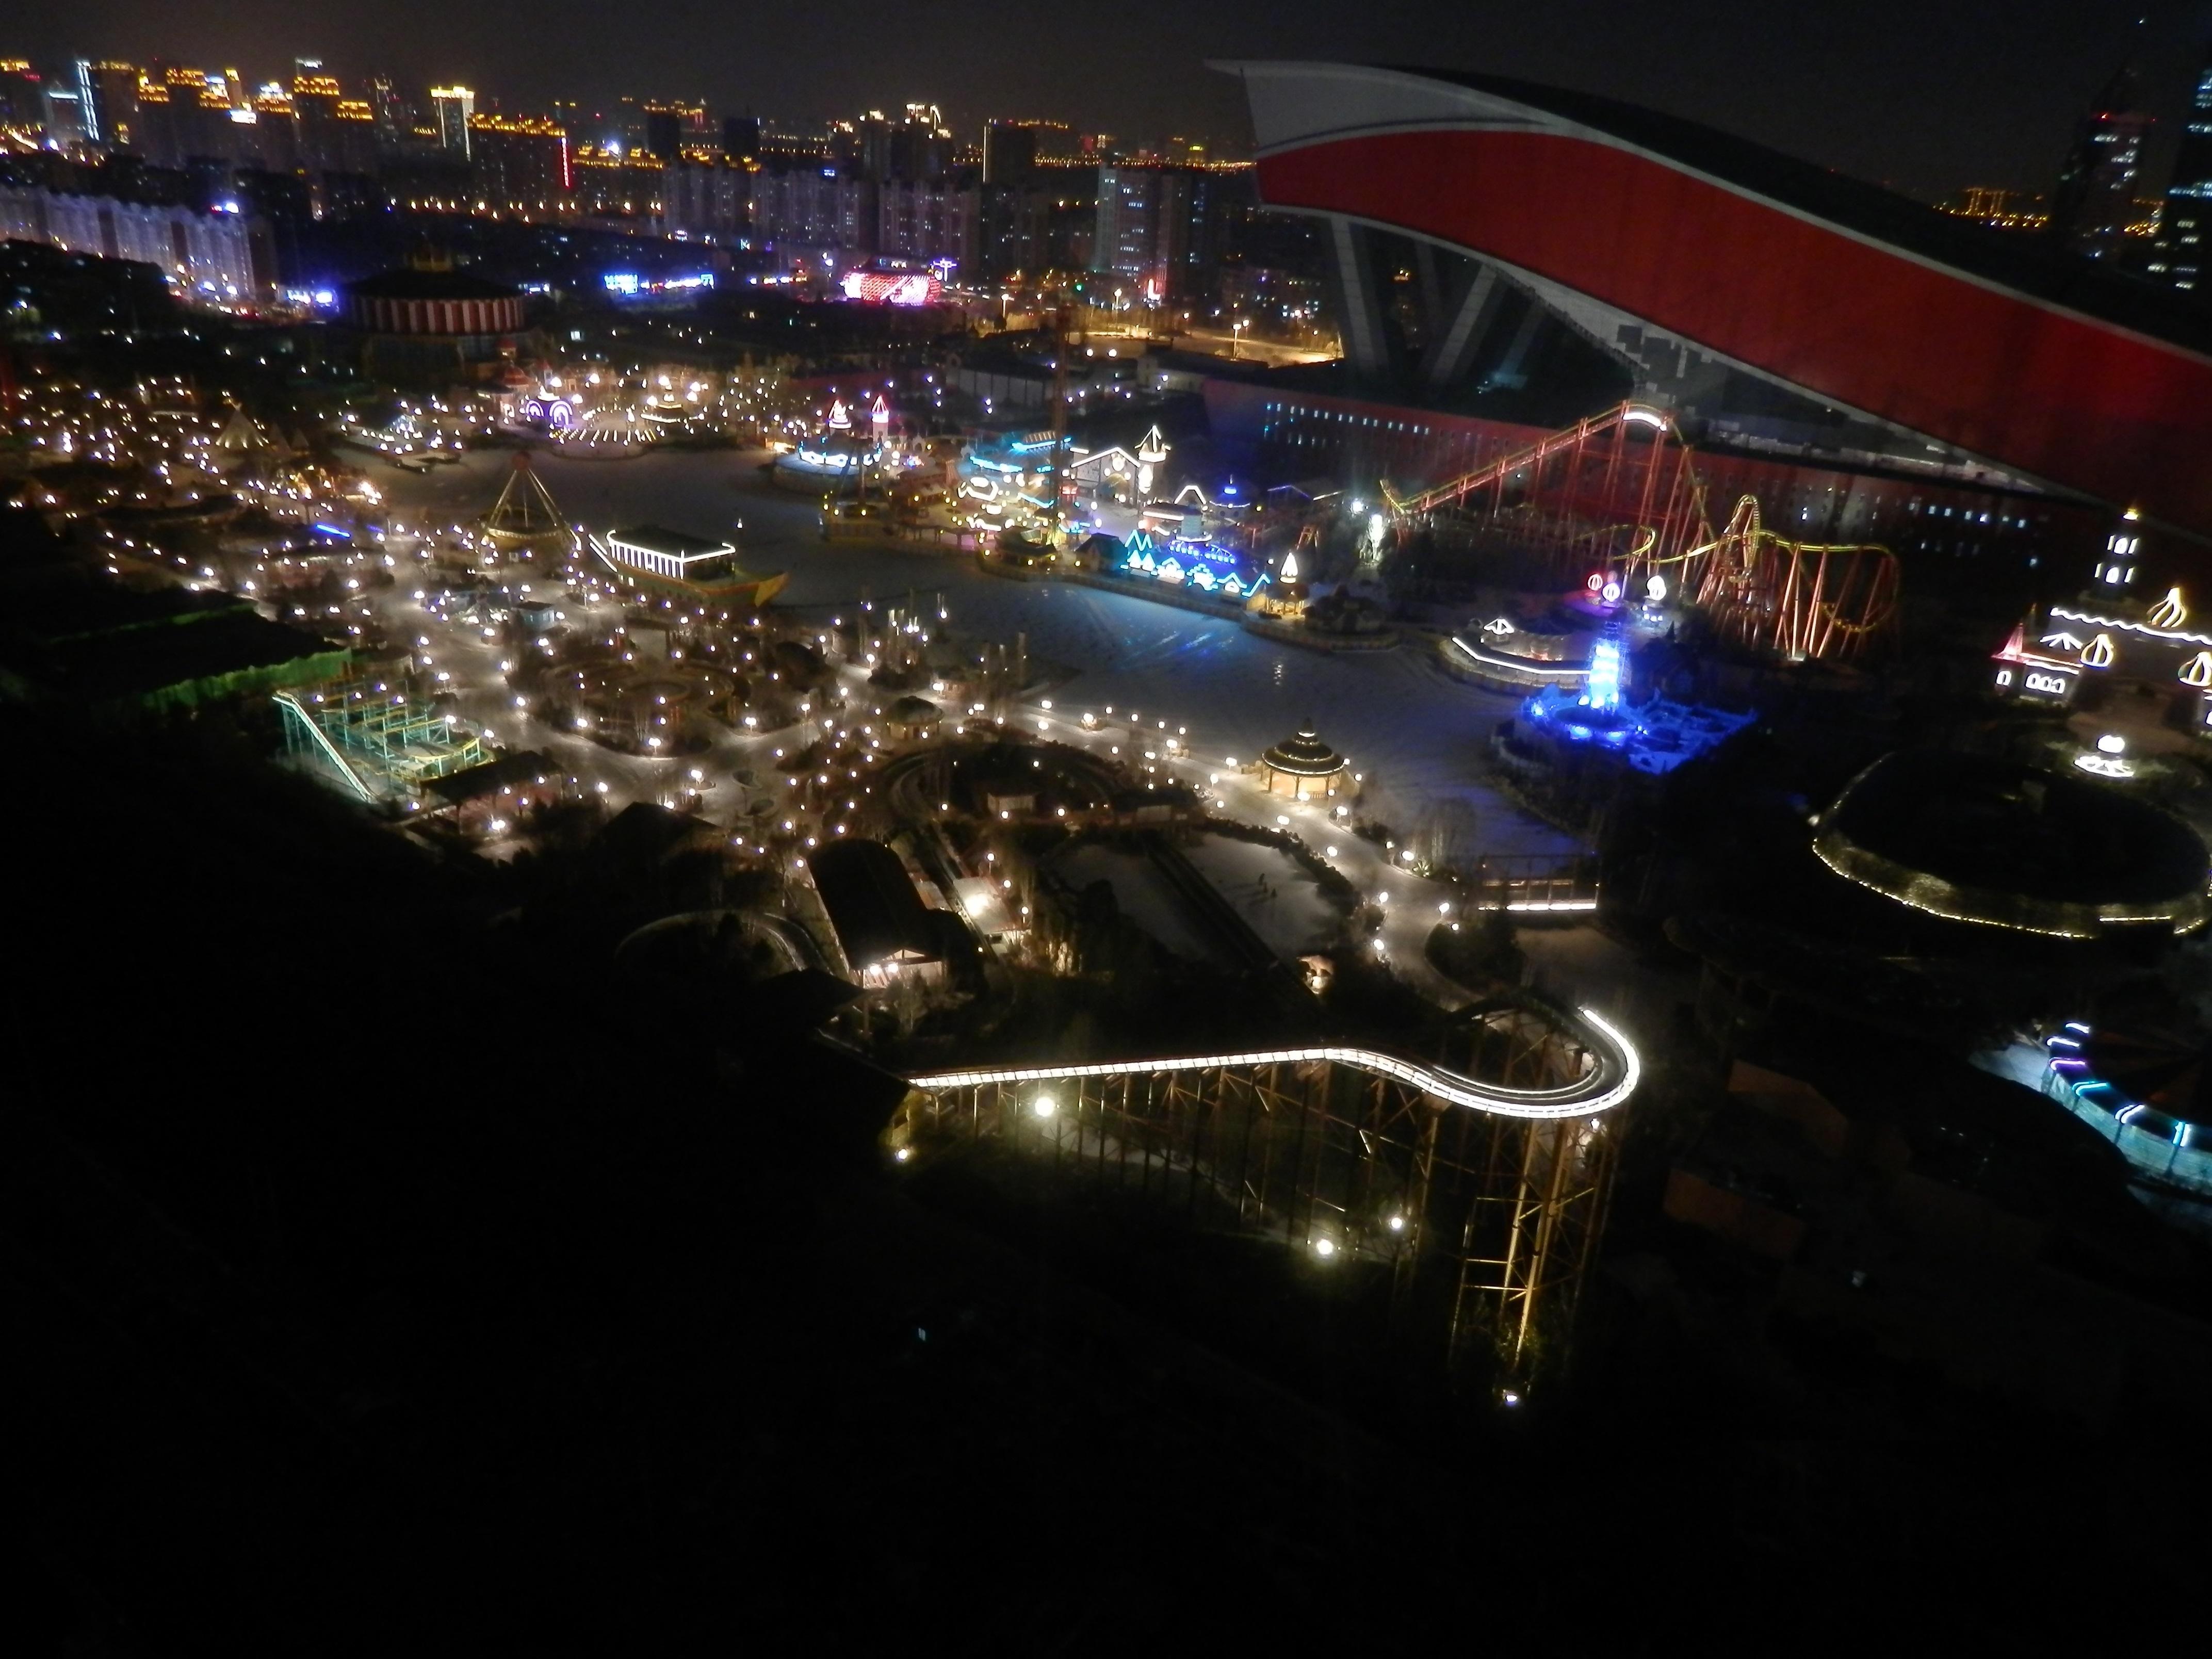 来到魅力之地—哈尔滨万达主题公园